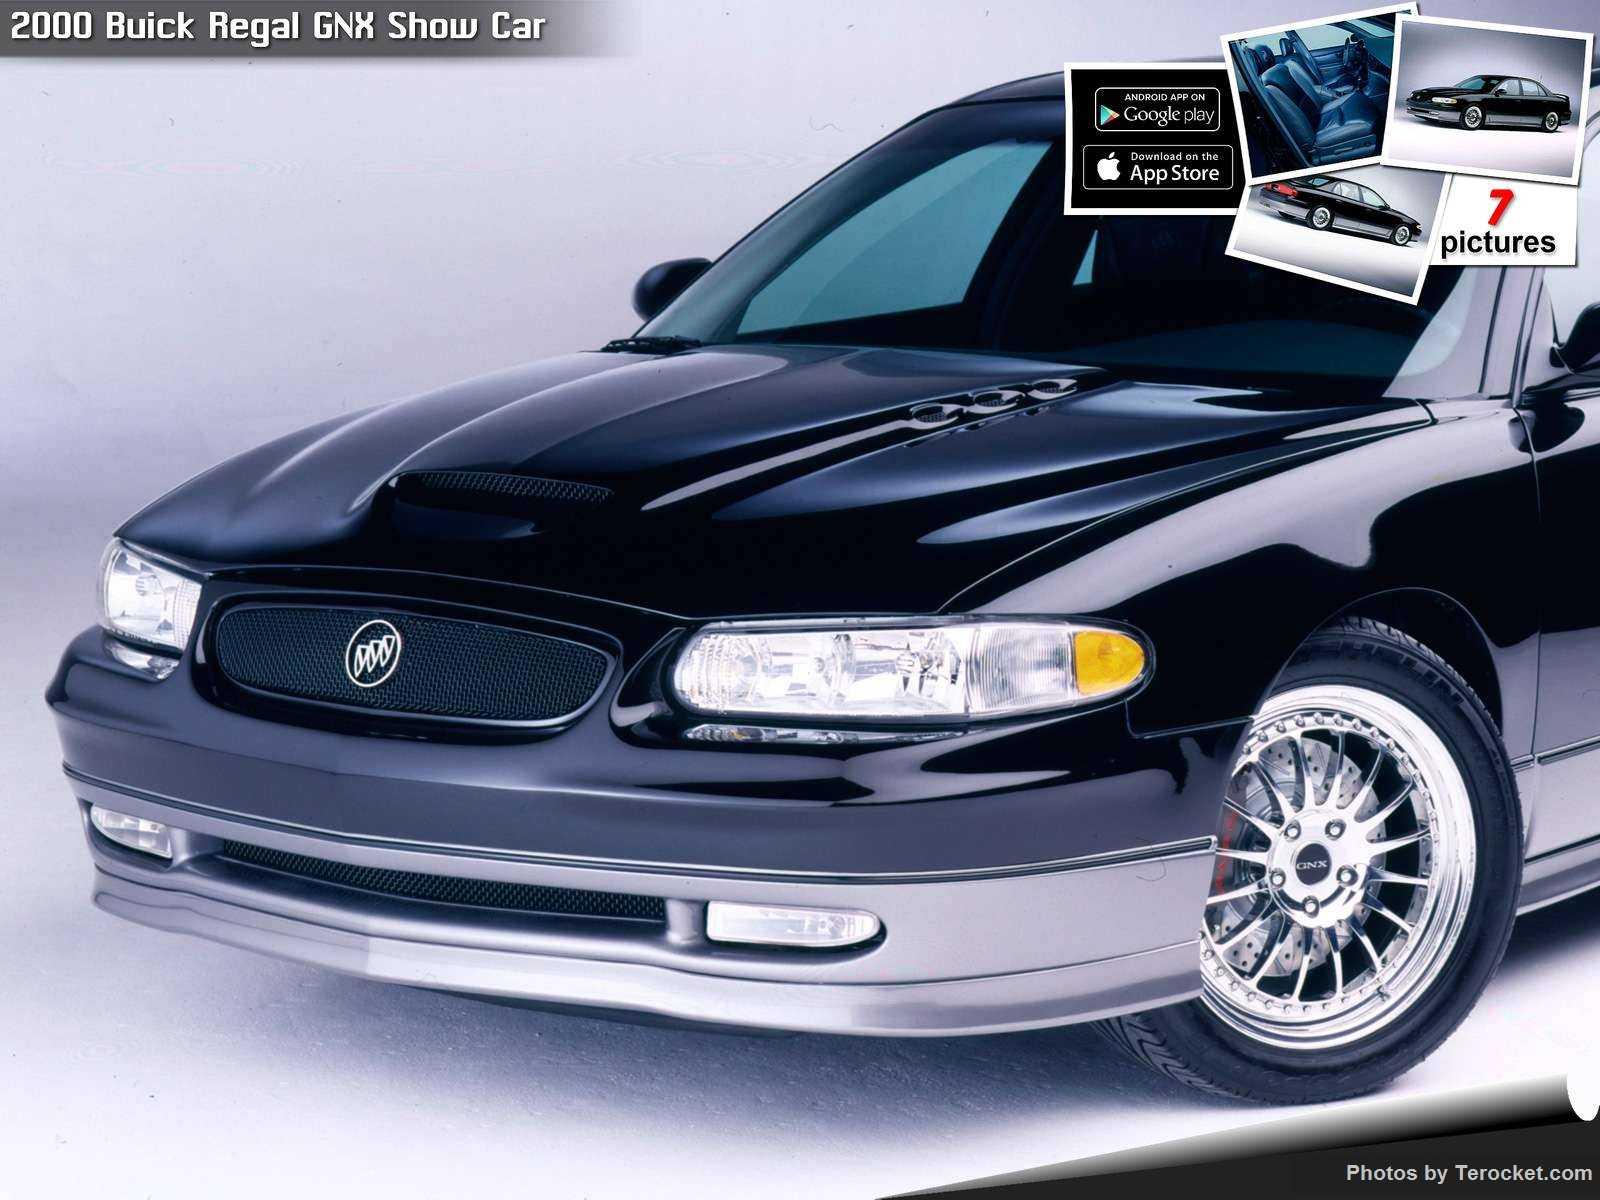 Hình ảnh xe ô tô Buick Regal GNX Show Car 2000 & nội ngoại thất